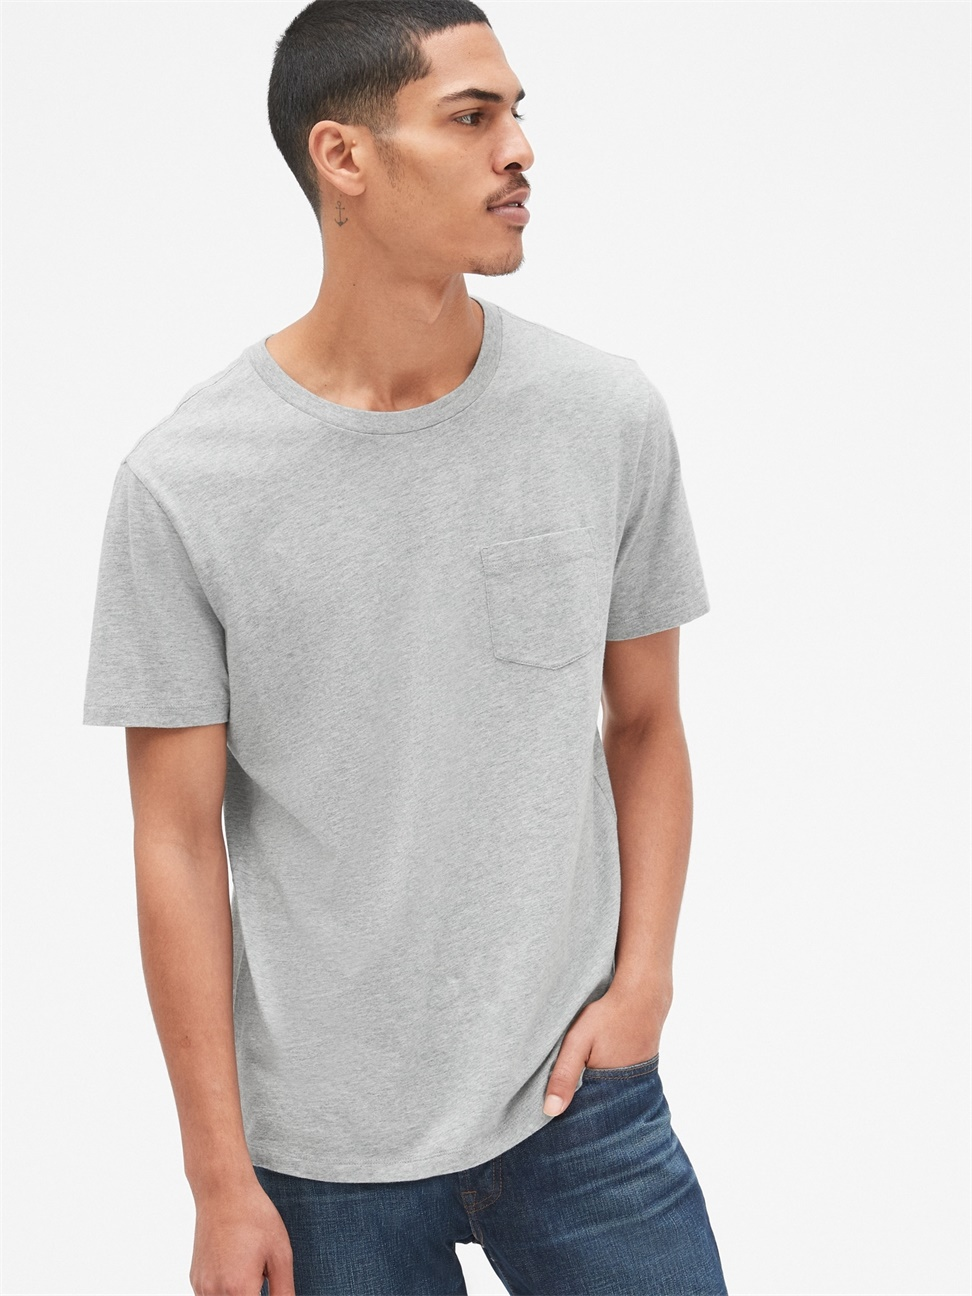 男女同款 休閒直筒圓領短袖口袋T恤